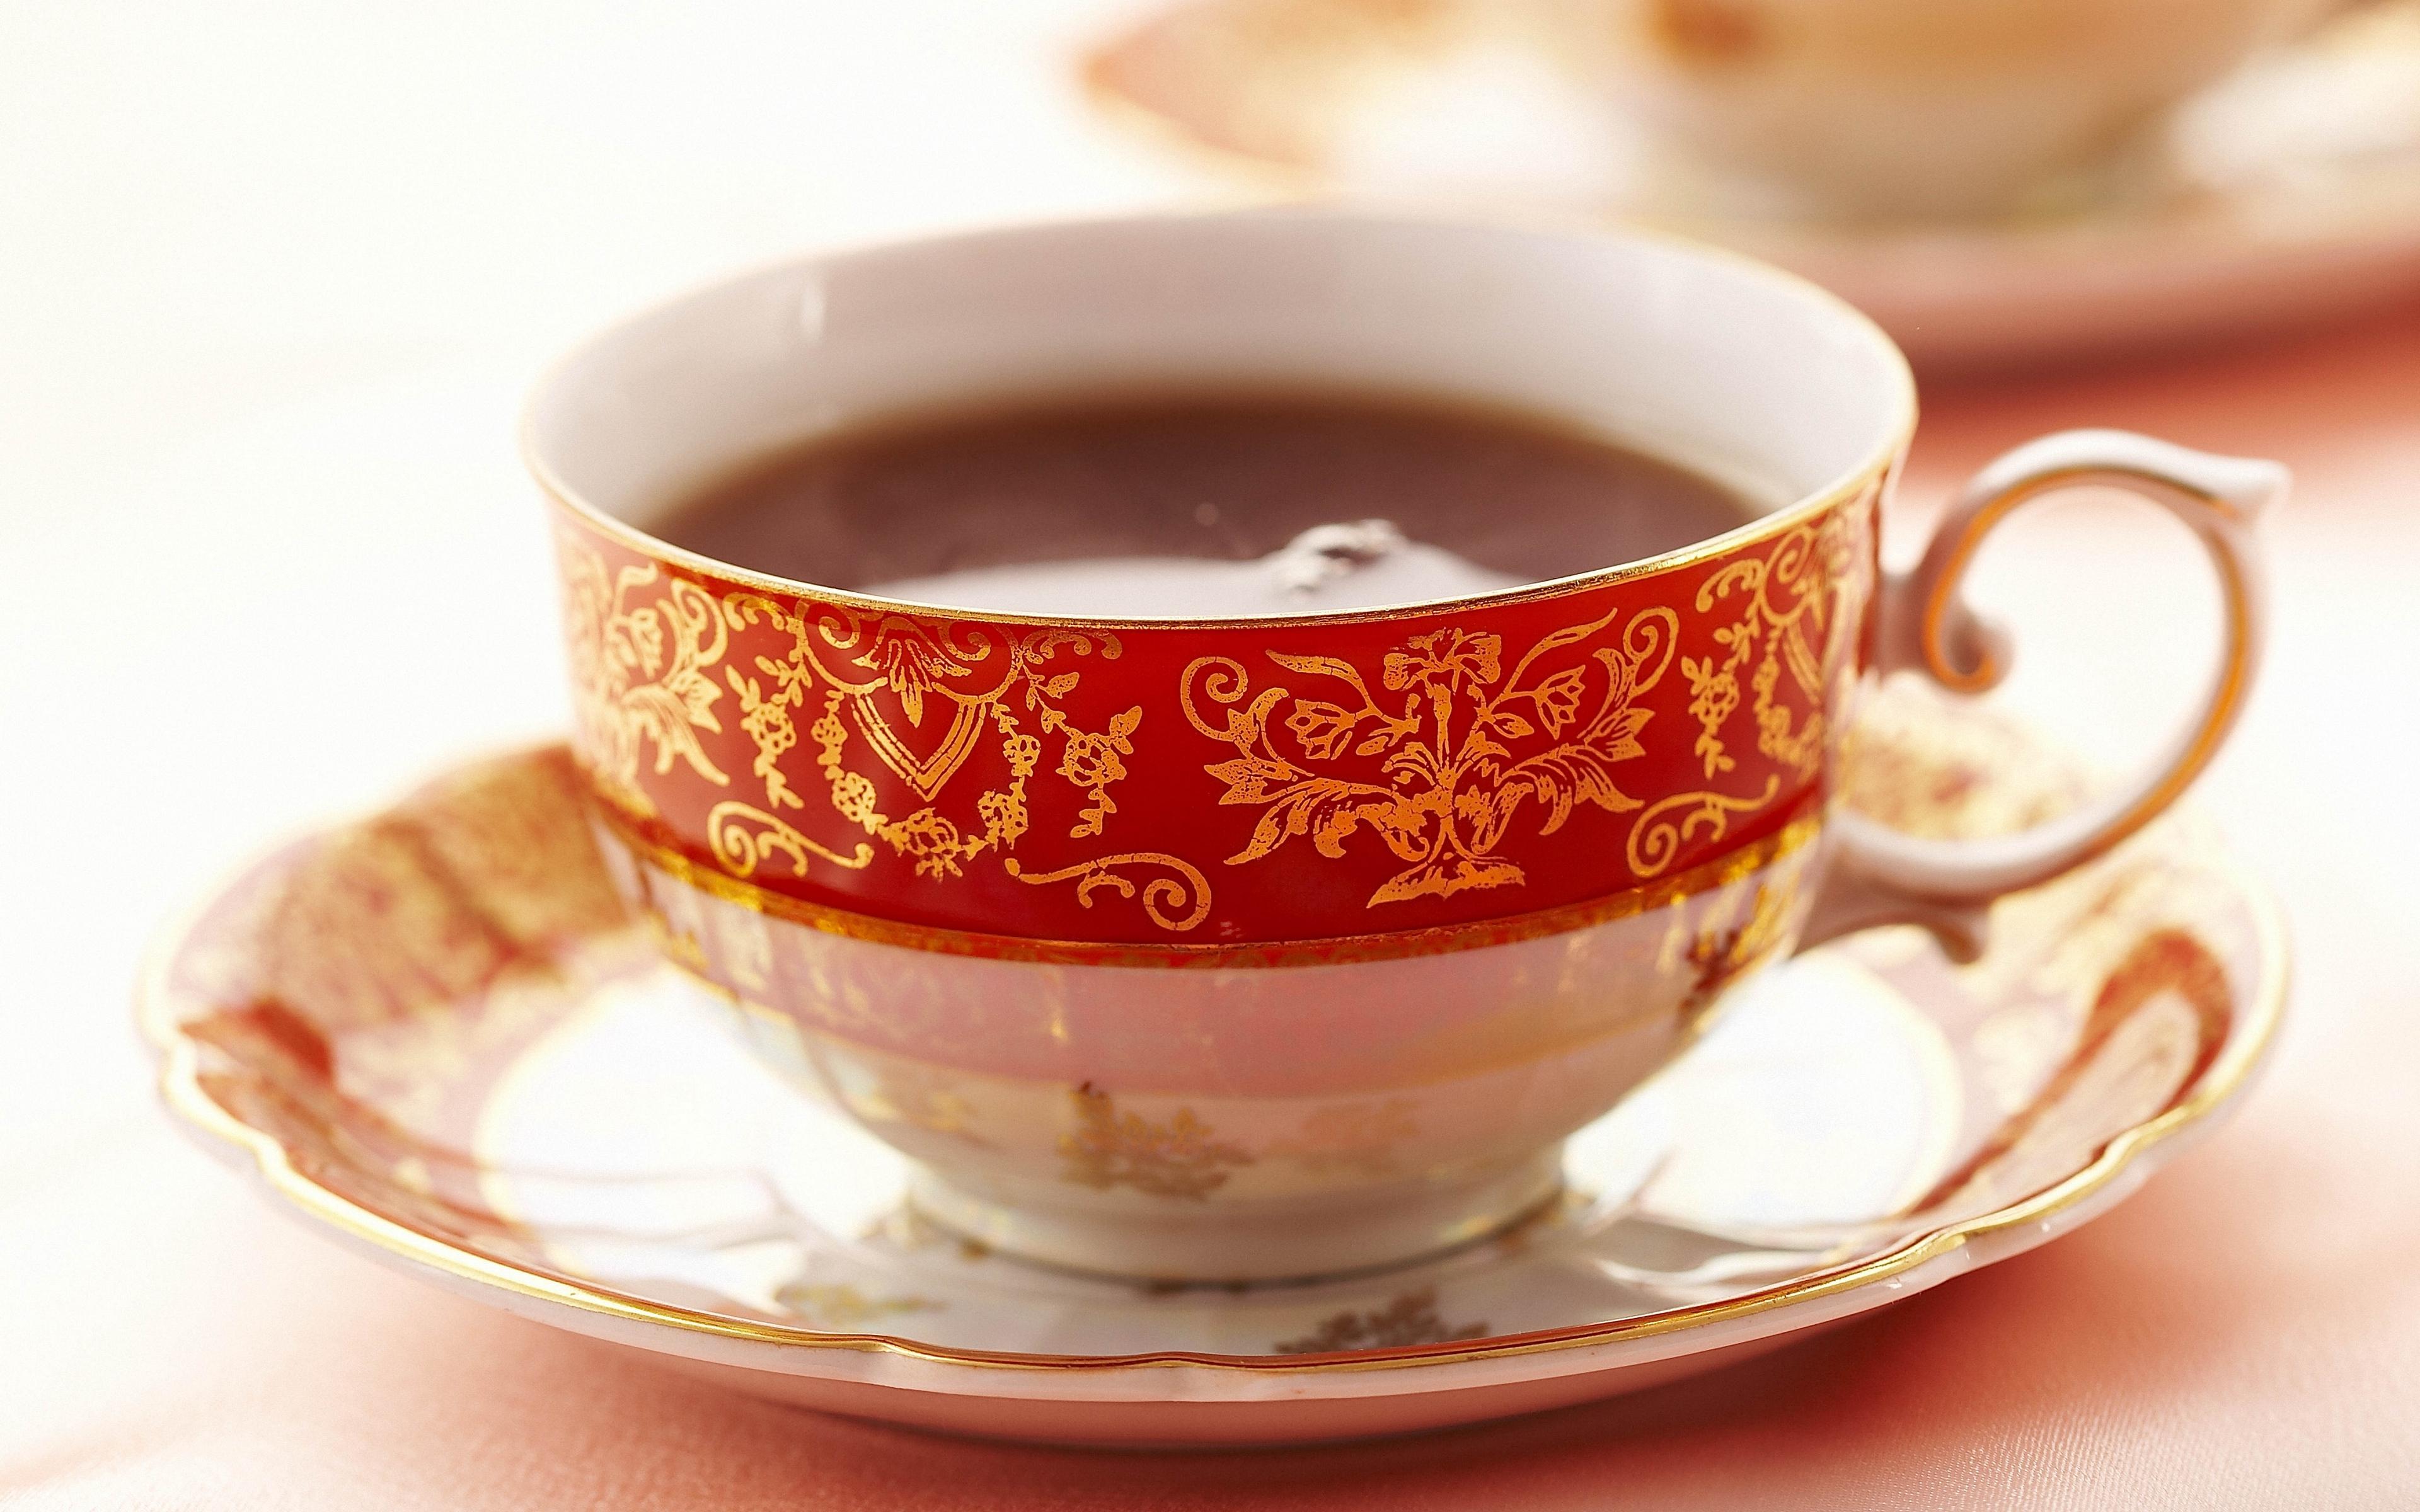 красивые чашечки чая фото рабы-солдаты, знаменитые